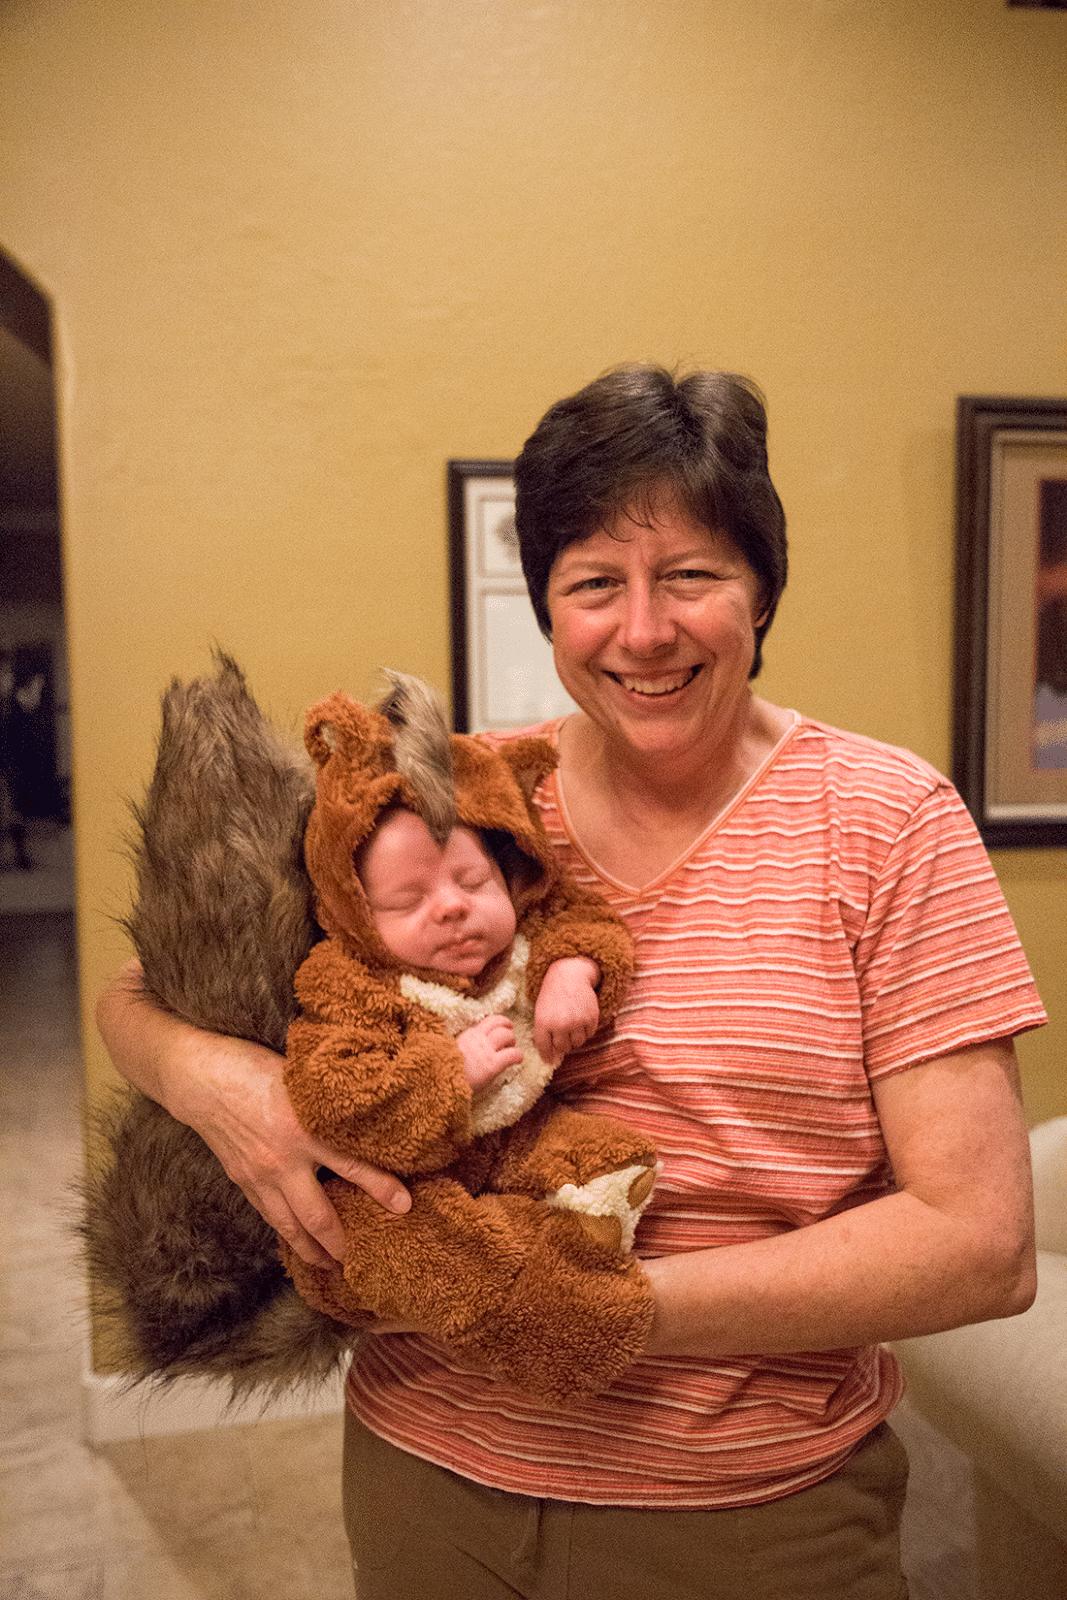 Baby squirrel Halloween costume